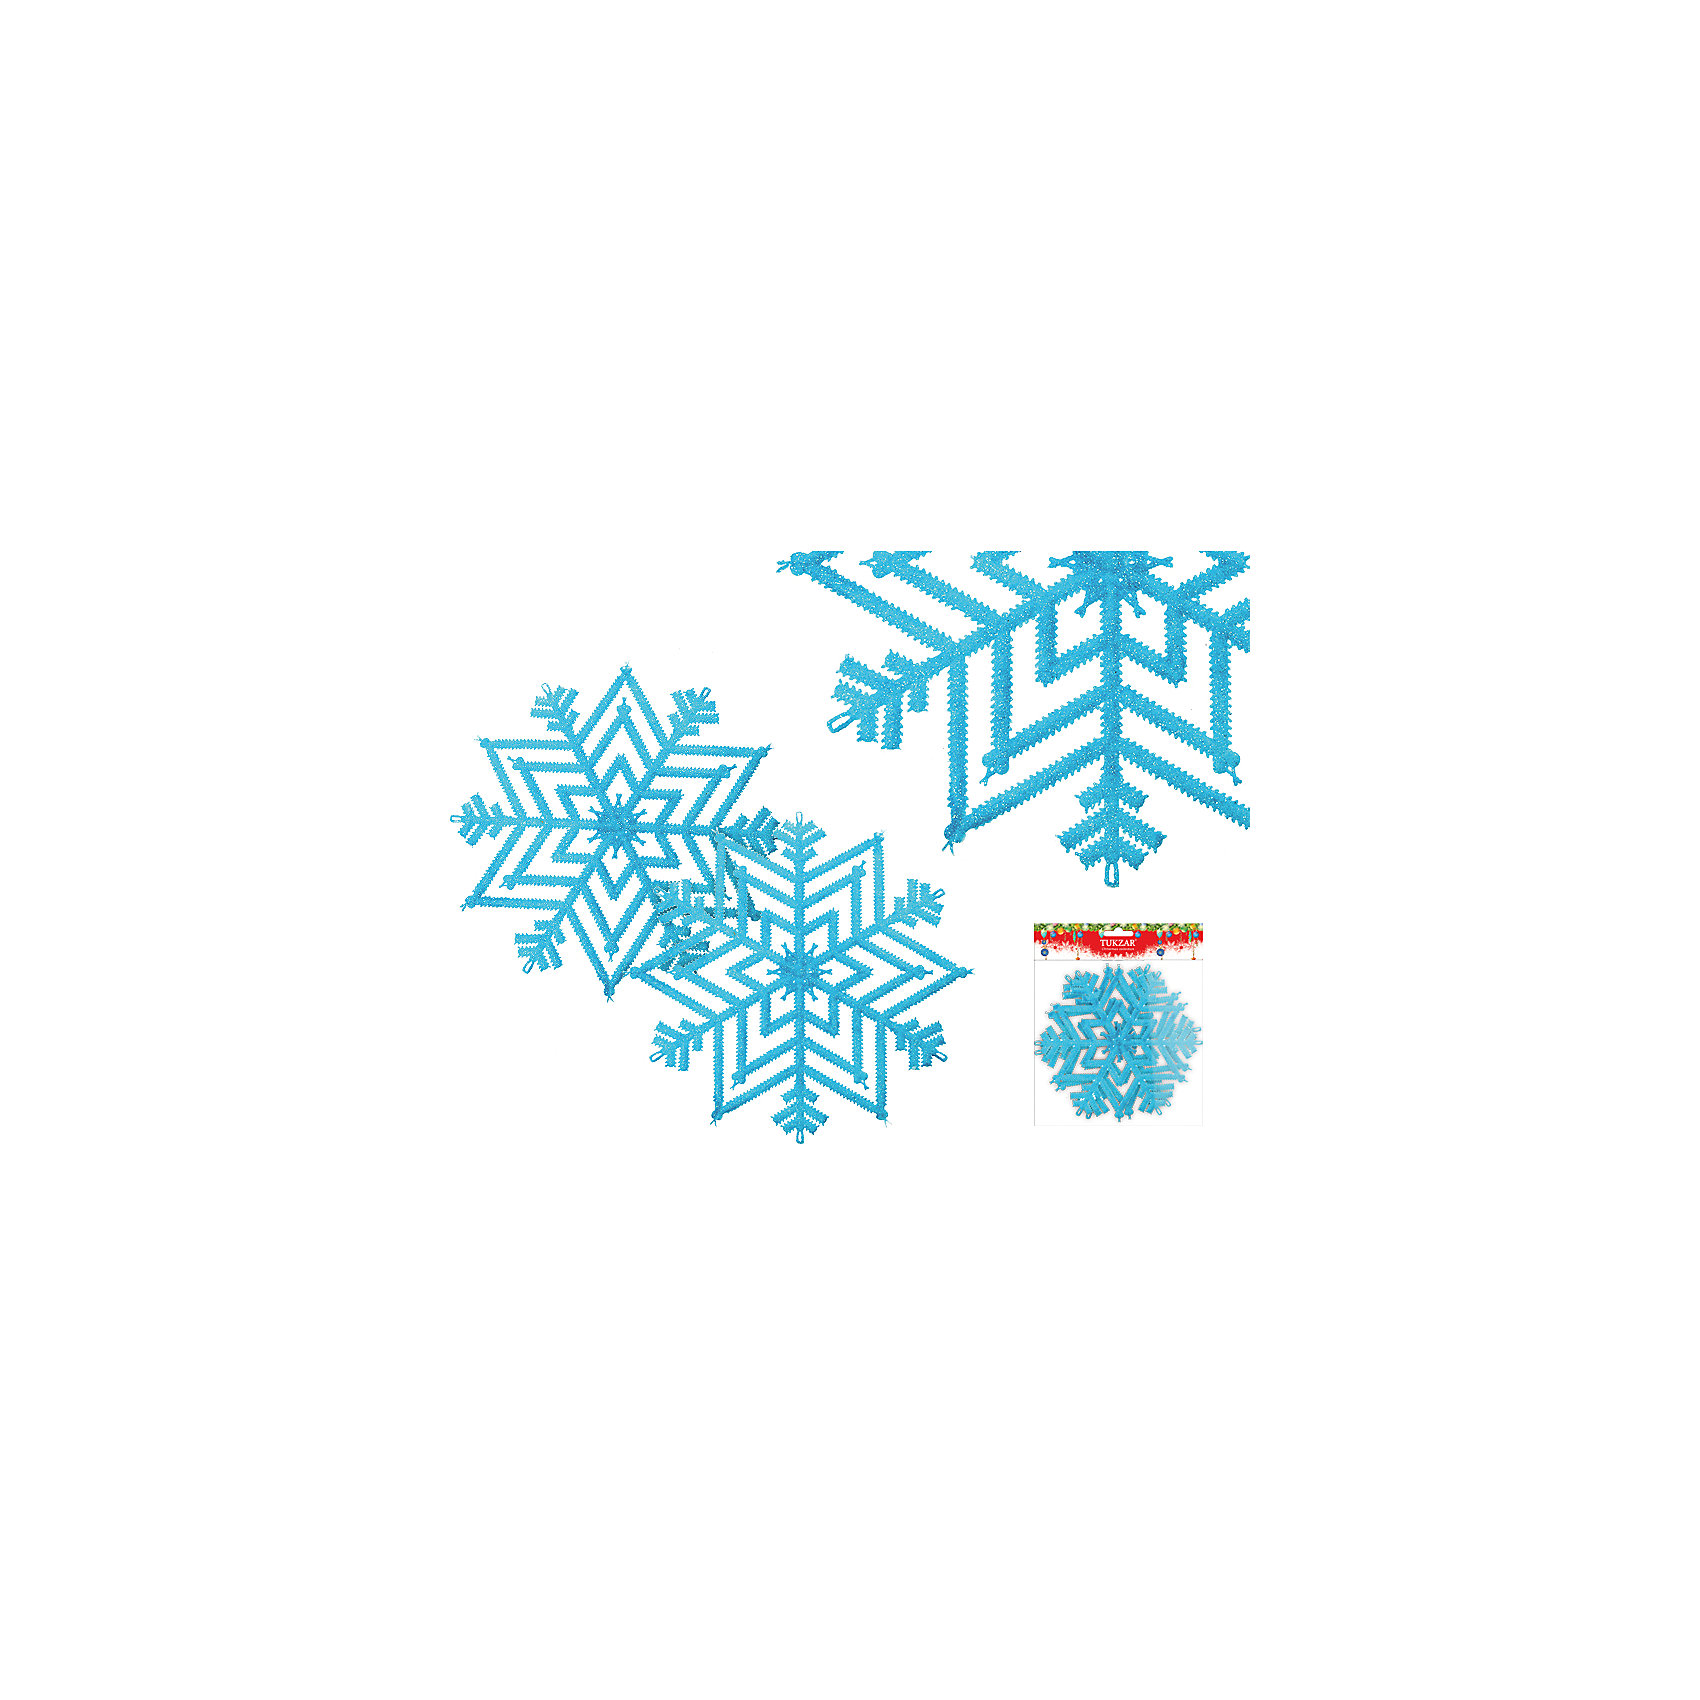 Украшение Снежинка с блестками, диаметр 28 смВсё для праздника<br>Украшение Снежинка с блестками, диаметр 28 см - этот новогодний аксессуар создаст праздничное настроение.<br>Украшение Снежинка с блестками станет замечательным украшением интерьера и поможет создать волшебную атмосферу праздника. Пластиковая снежинка голубого цвета, декорированная блестками, будет прекрасно смотреться на новогодней елке, и радовать детей и взрослых.<br><br>Дополнительная информация:<br><br>- Диаметр: 28 см.<br>- Материал: пластик<br>- Цвет: голубой<br><br>Украшение Снежинка с блестками, диаметр 28 см можно купить в нашем интернет-магазине.<br><br>Ширина мм: 280<br>Глубина мм: 280<br>Высота мм: 10<br>Вес г: 50<br>Возраст от месяцев: 36<br>Возраст до месяцев: 2147483647<br>Пол: Унисекс<br>Возраст: Детский<br>SKU: 4437438